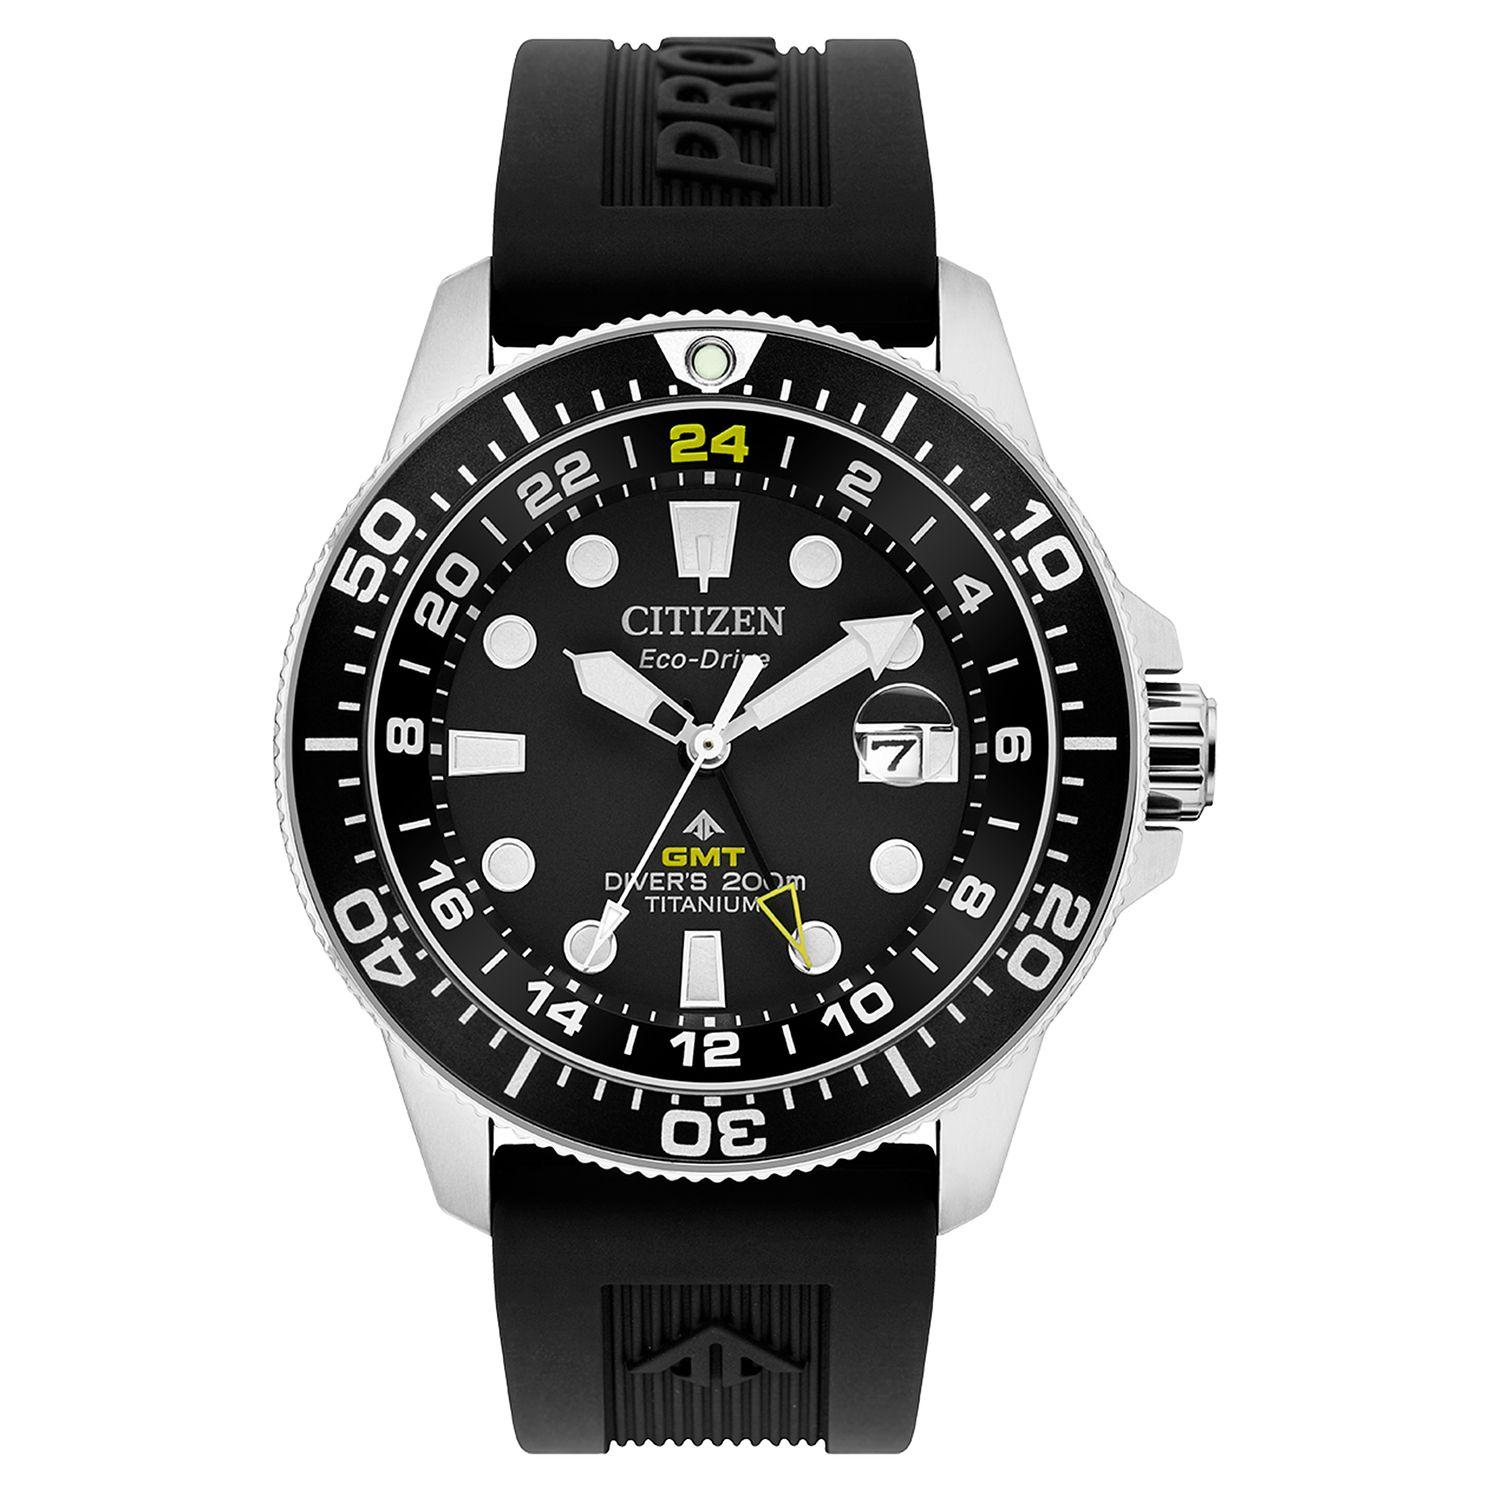 Citizen's new Super Titanium Promaster Diver GMT CITIZEN+Promaster+Diver+GMT+SUPER+TITANIUM+01